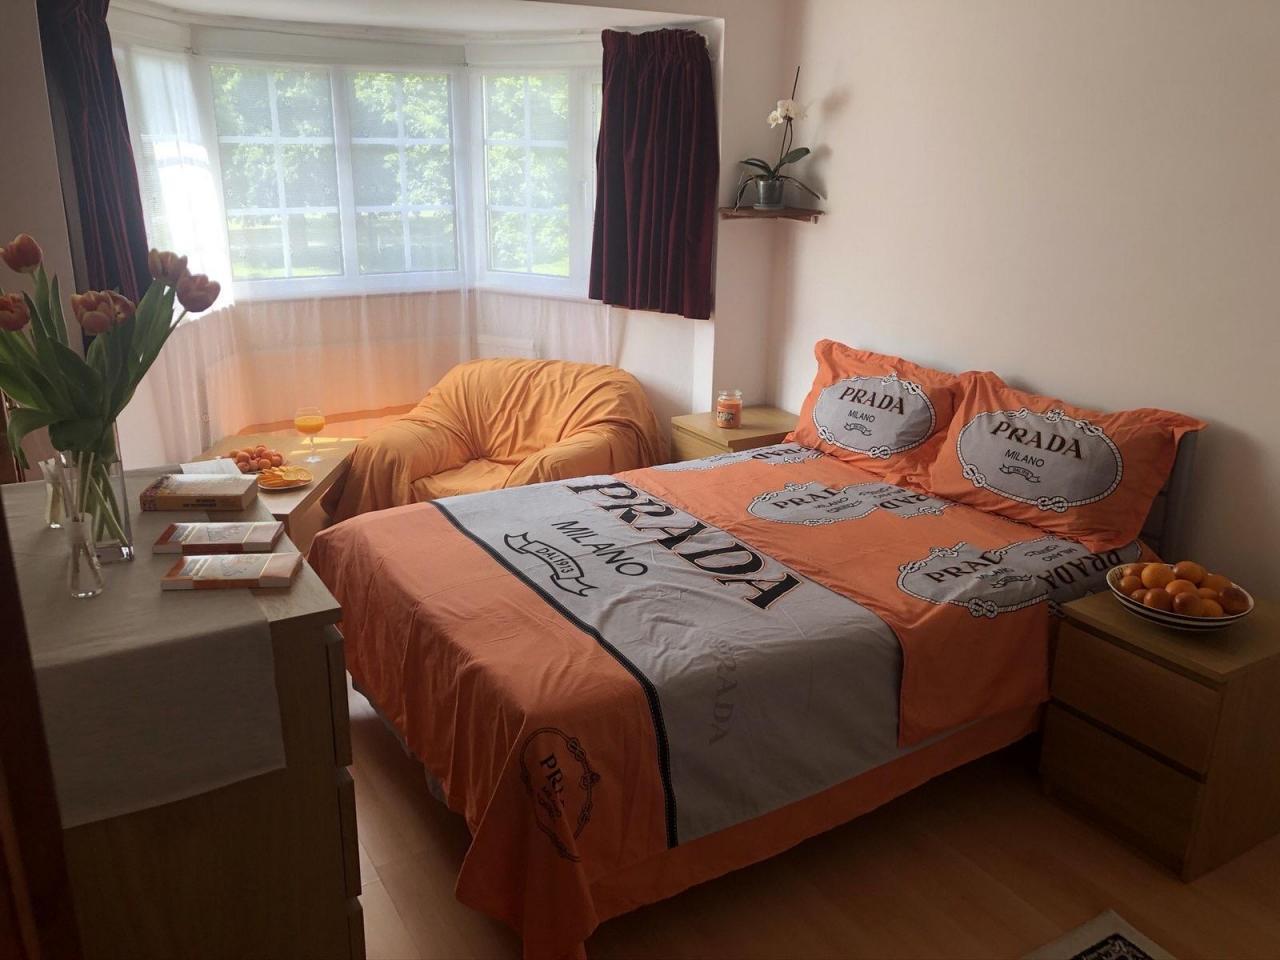 Сдаем double room, для одного, недалеко от станции Tooting. - 4